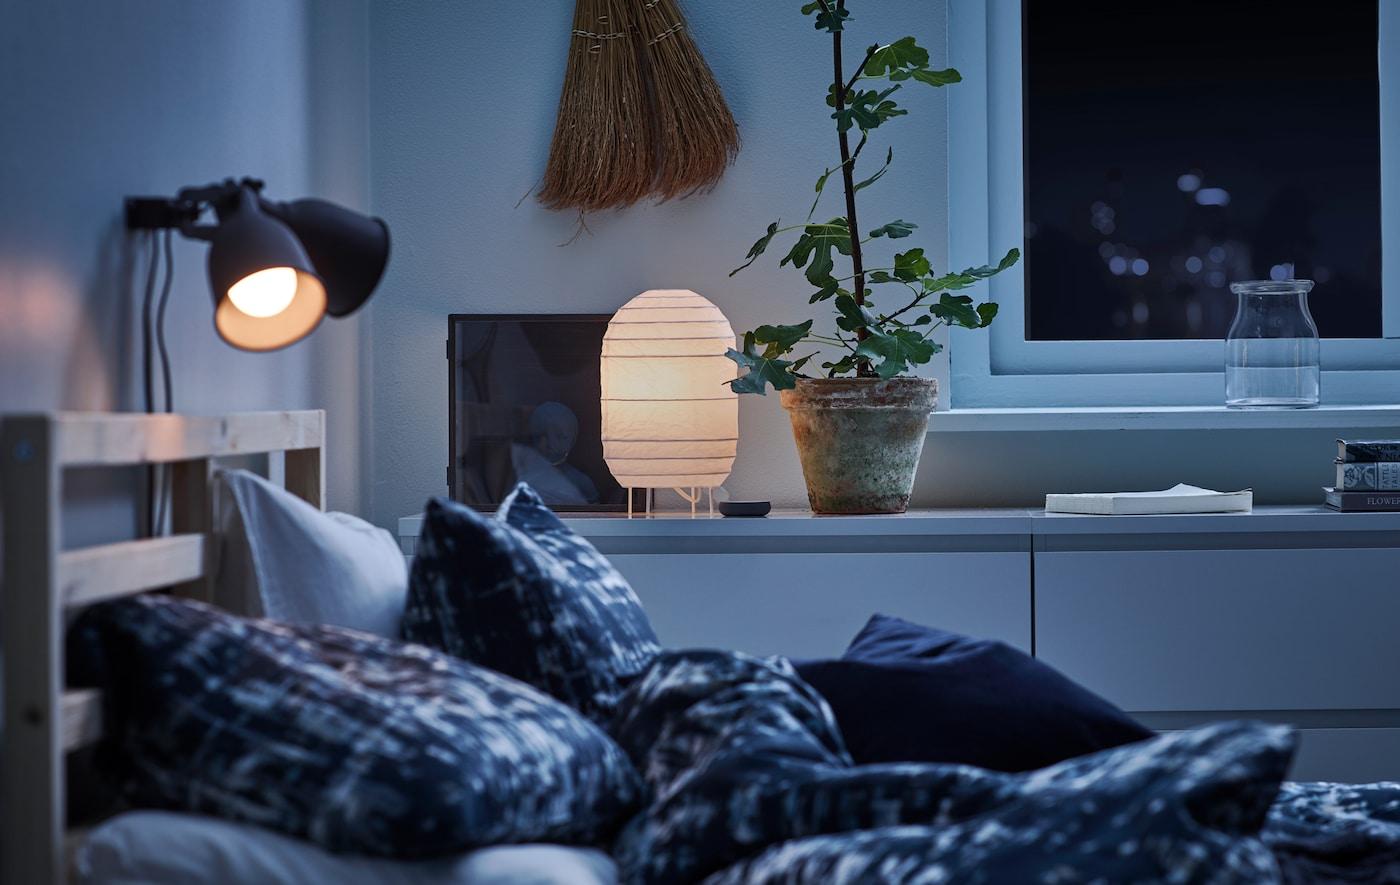 Una habitación a oscuras con ropa de cama de color azul, ligeramente iluminada con una lámpara de papel decorativa y una lámpara de mesa.